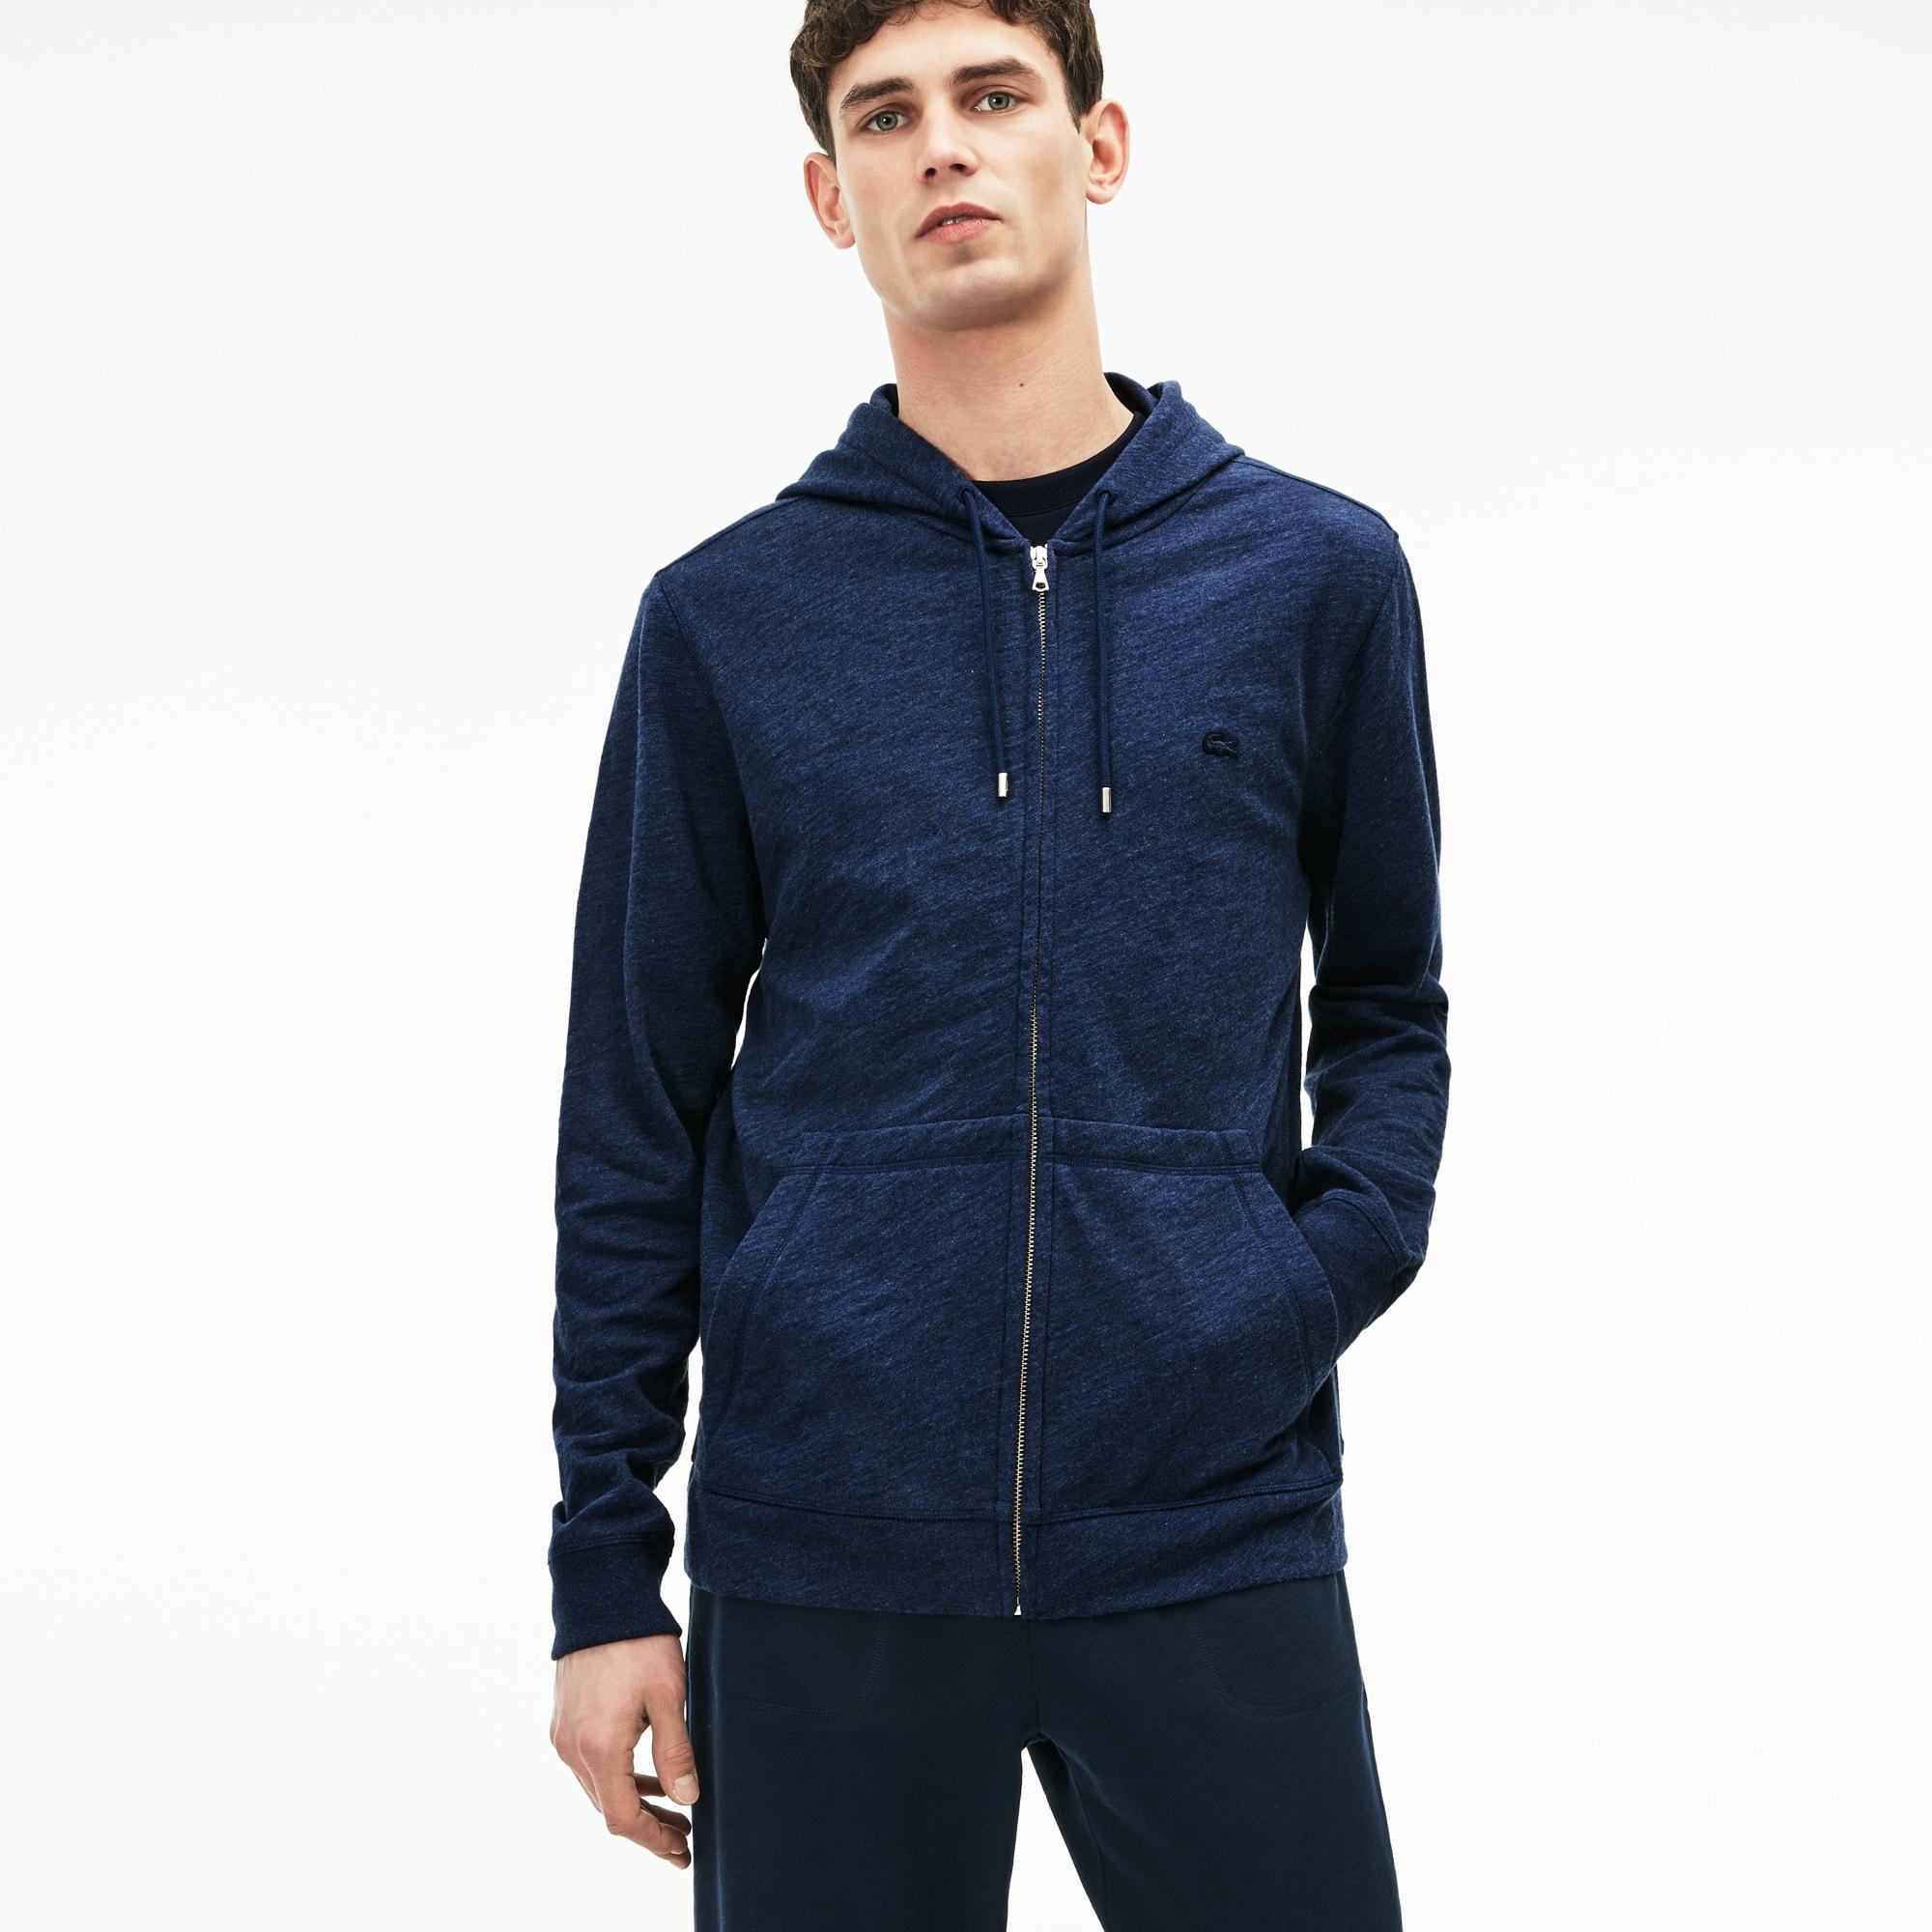 Men's MOTION Hooded Cotton Fleece Zip Sweatshirt